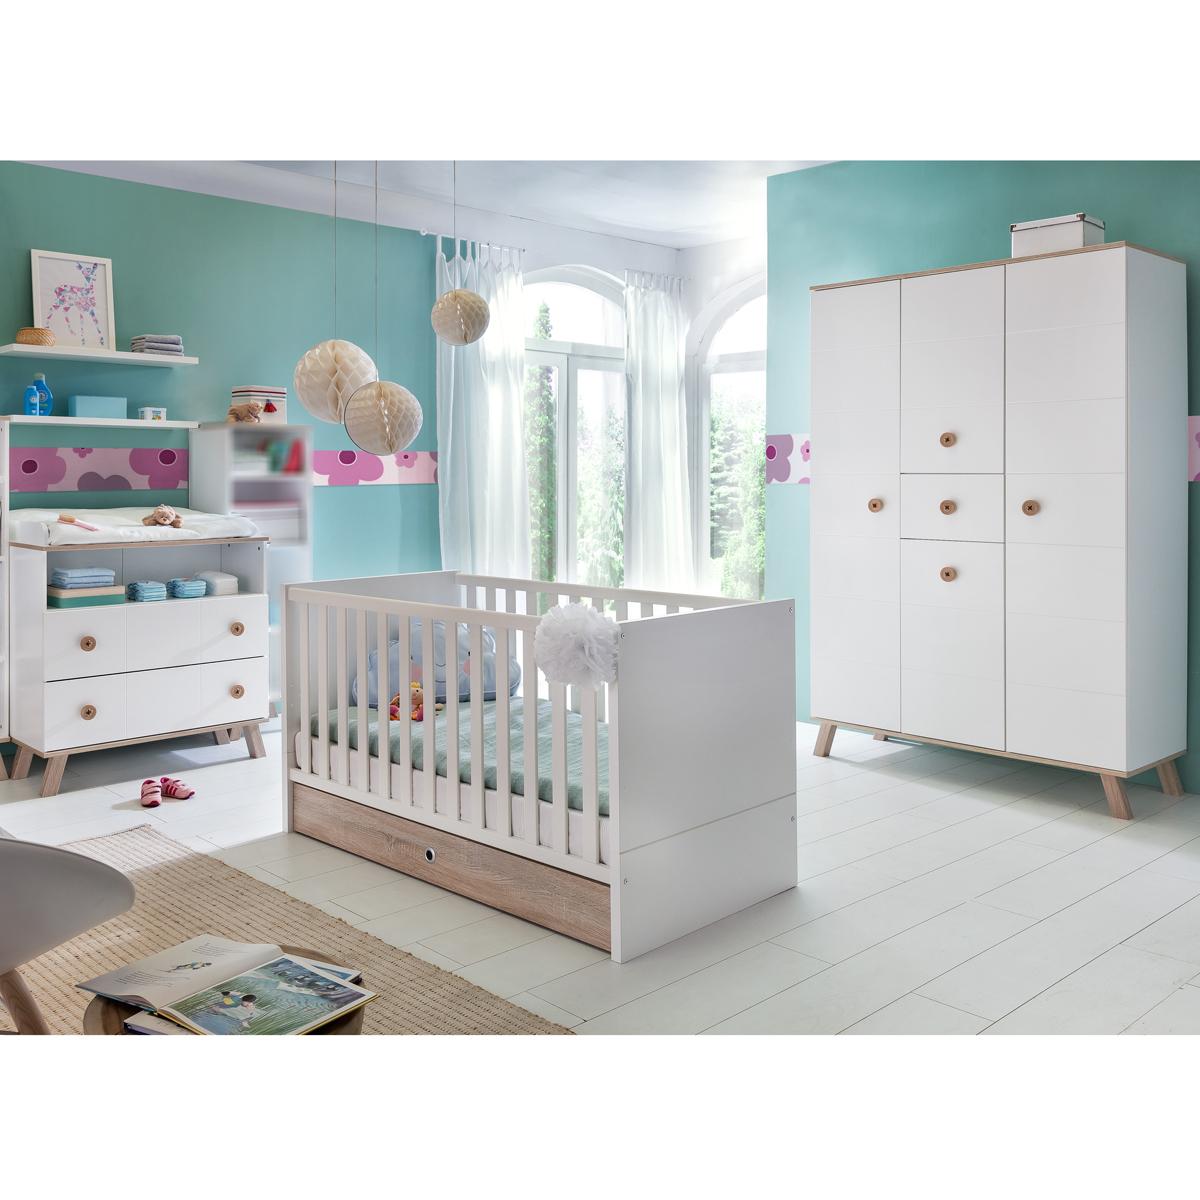 babyzimmer set billu kinderzimmer baby erstausstattung wei eiche komplettset ebay. Black Bedroom Furniture Sets. Home Design Ideas